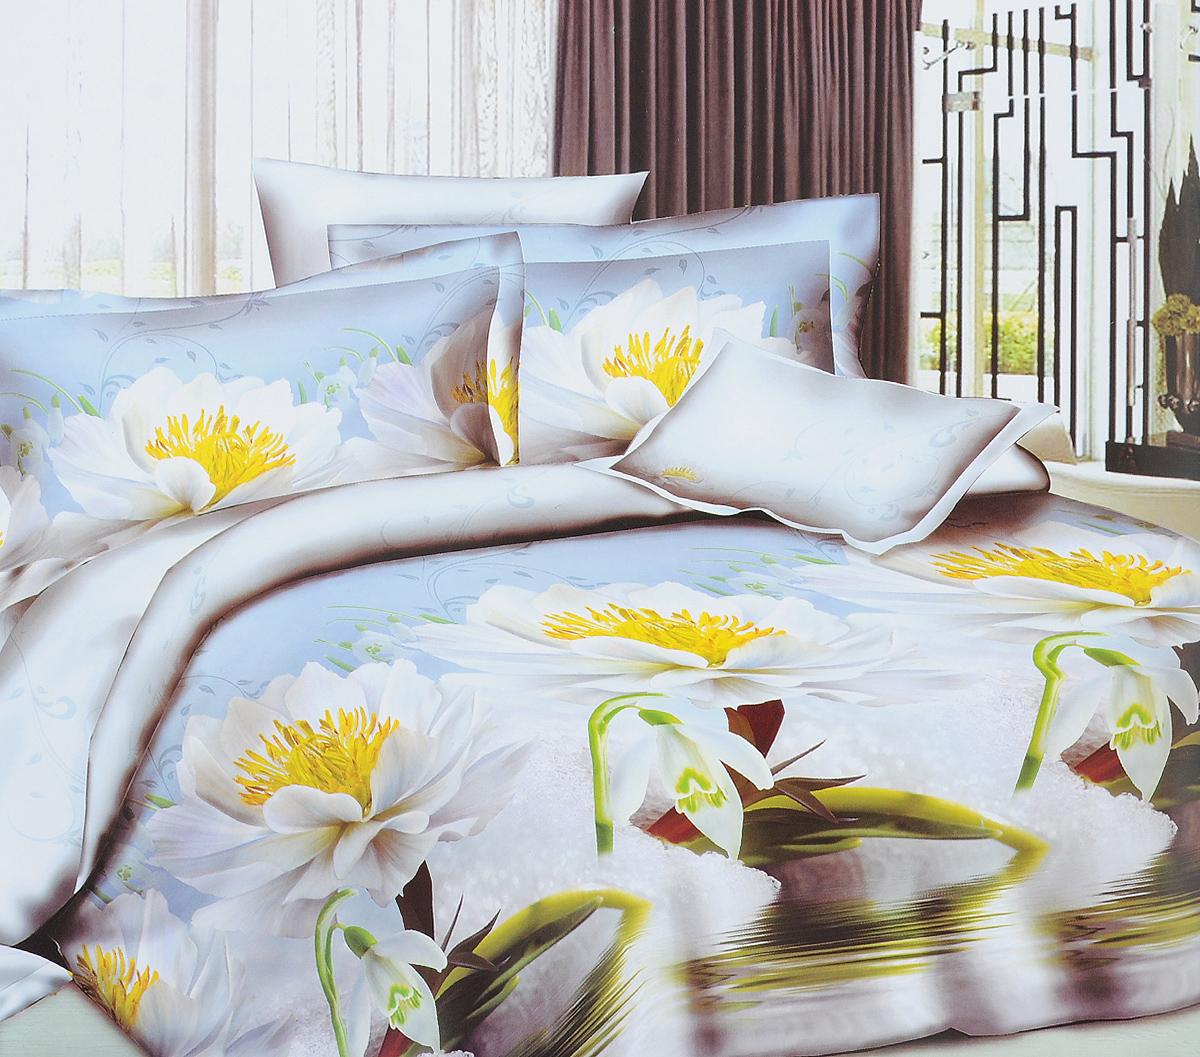 Комплект белья ЭГО Лето, 2-спальный, наволочки 70x70S03301004Комплект постельного белья ЭГО Лето выполнен из полисатина (50% хлопка, 50% полиэстера). Комплект состоит из пододеяльника, простыни и двух наволочек. Постельное белье, оформленное цветочным принтом, имеет изысканный внешний вид и яркую цветовую гамму. Наволочки застегиваются на клапаны. Гладкая структура делает ткань приятной на ощупь, мягкой и нежной, при этом она прочная и хорошо сохраняет форму. Ткань легко гладится, не линяет и не садится. Благодаря такому комплекту постельного белья вы сможете создать атмосферу роскоши и романтики в вашей спальне.